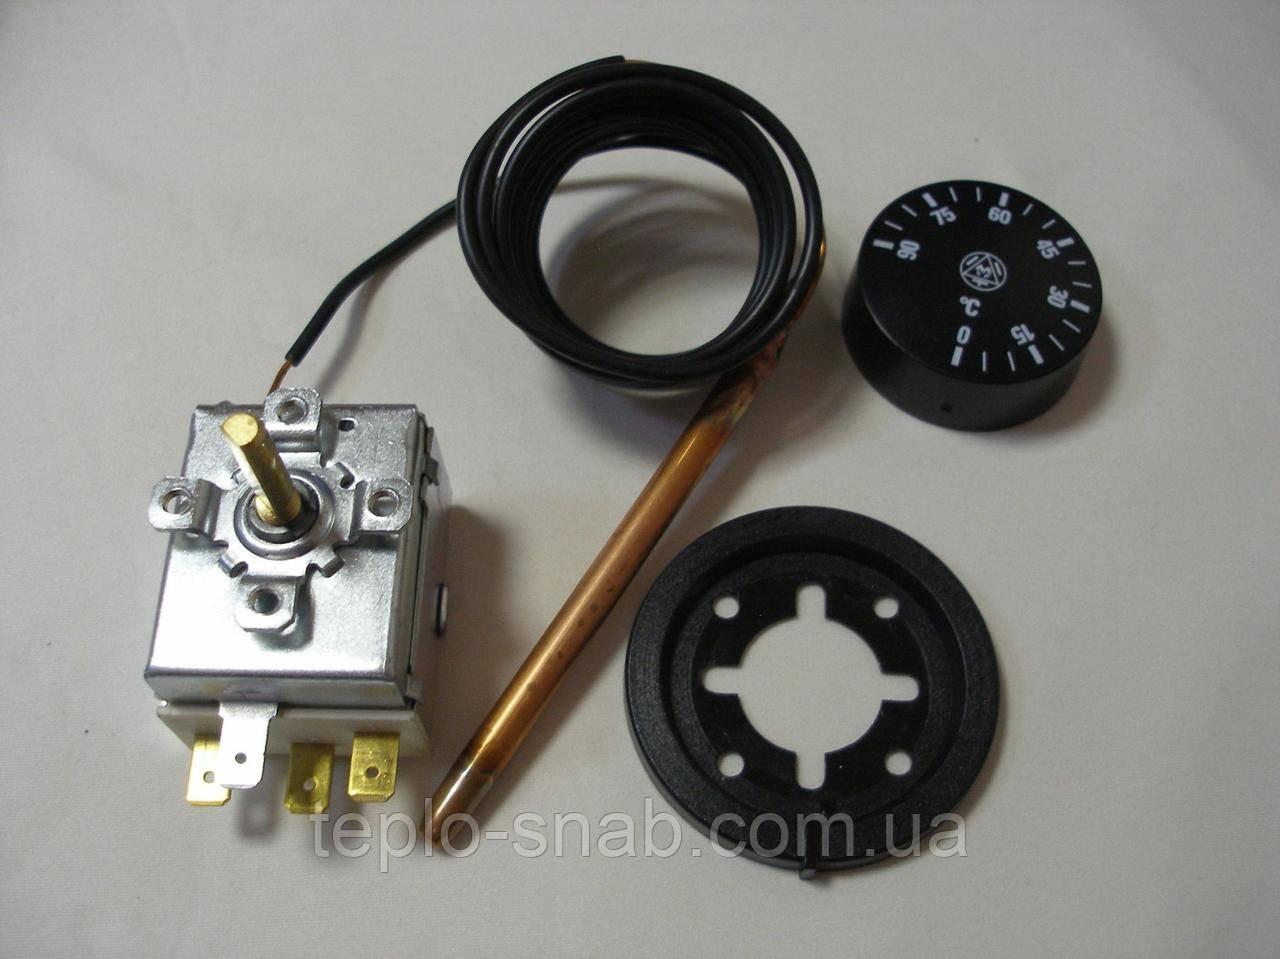 Регулировочный термостат (рабочий) температуры теплоносителя газового напольного котла. IMIT. 540355